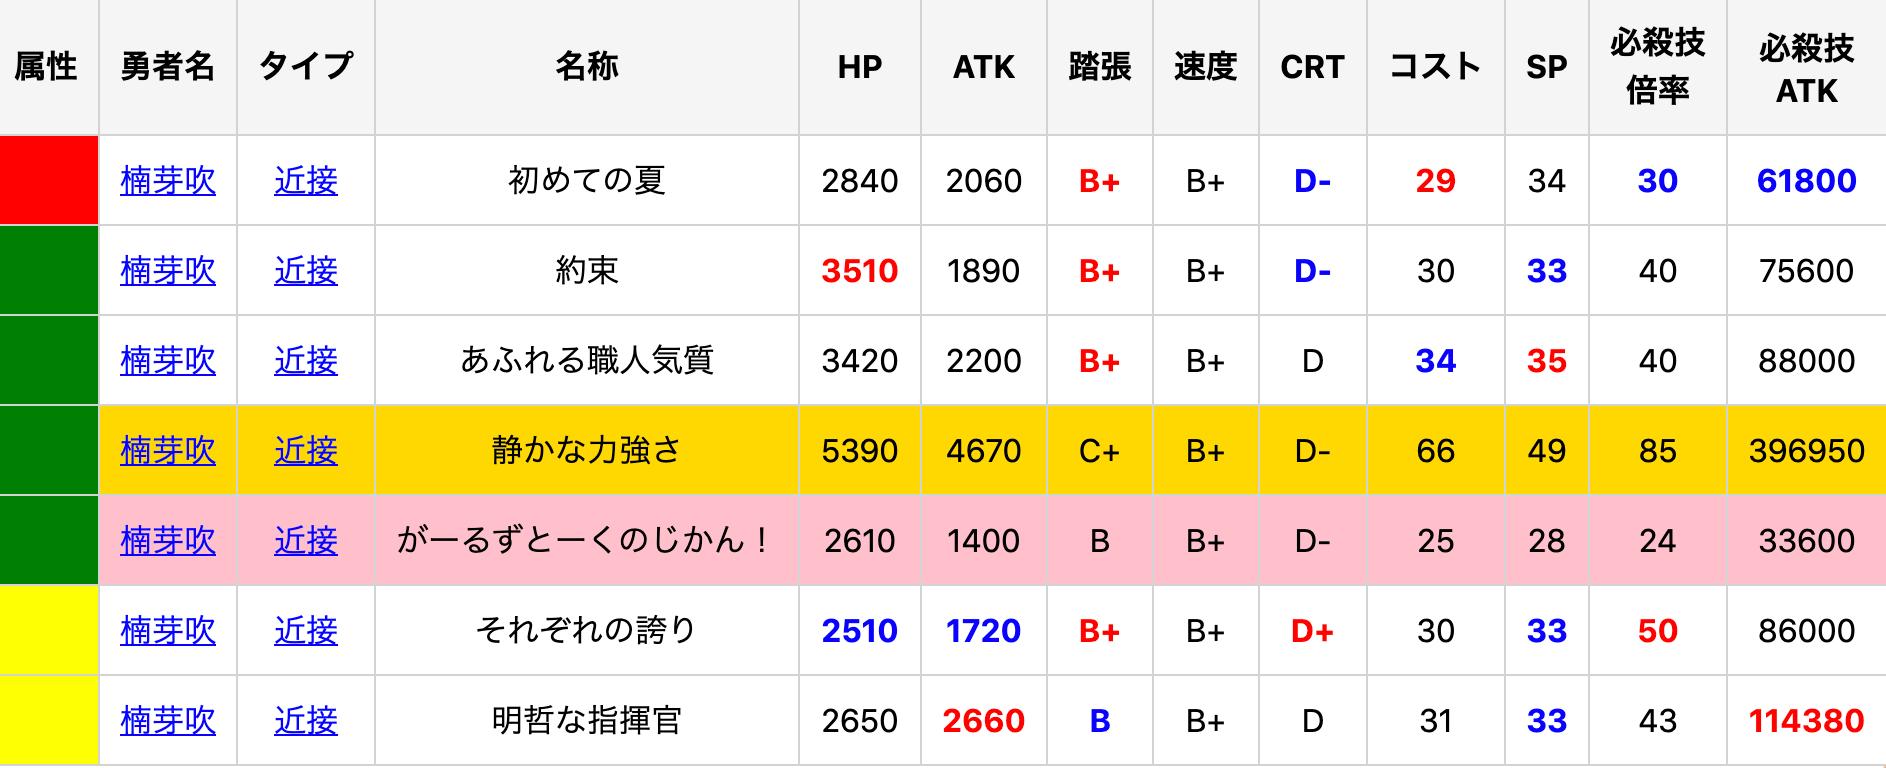 200510 MR status